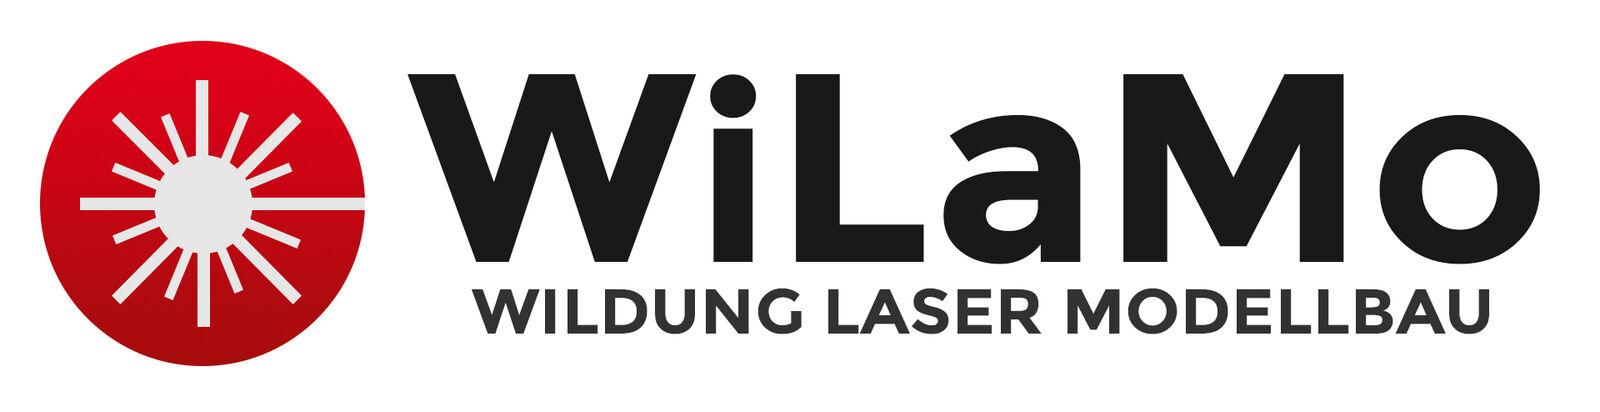 Wildung-Laser-Modellbau